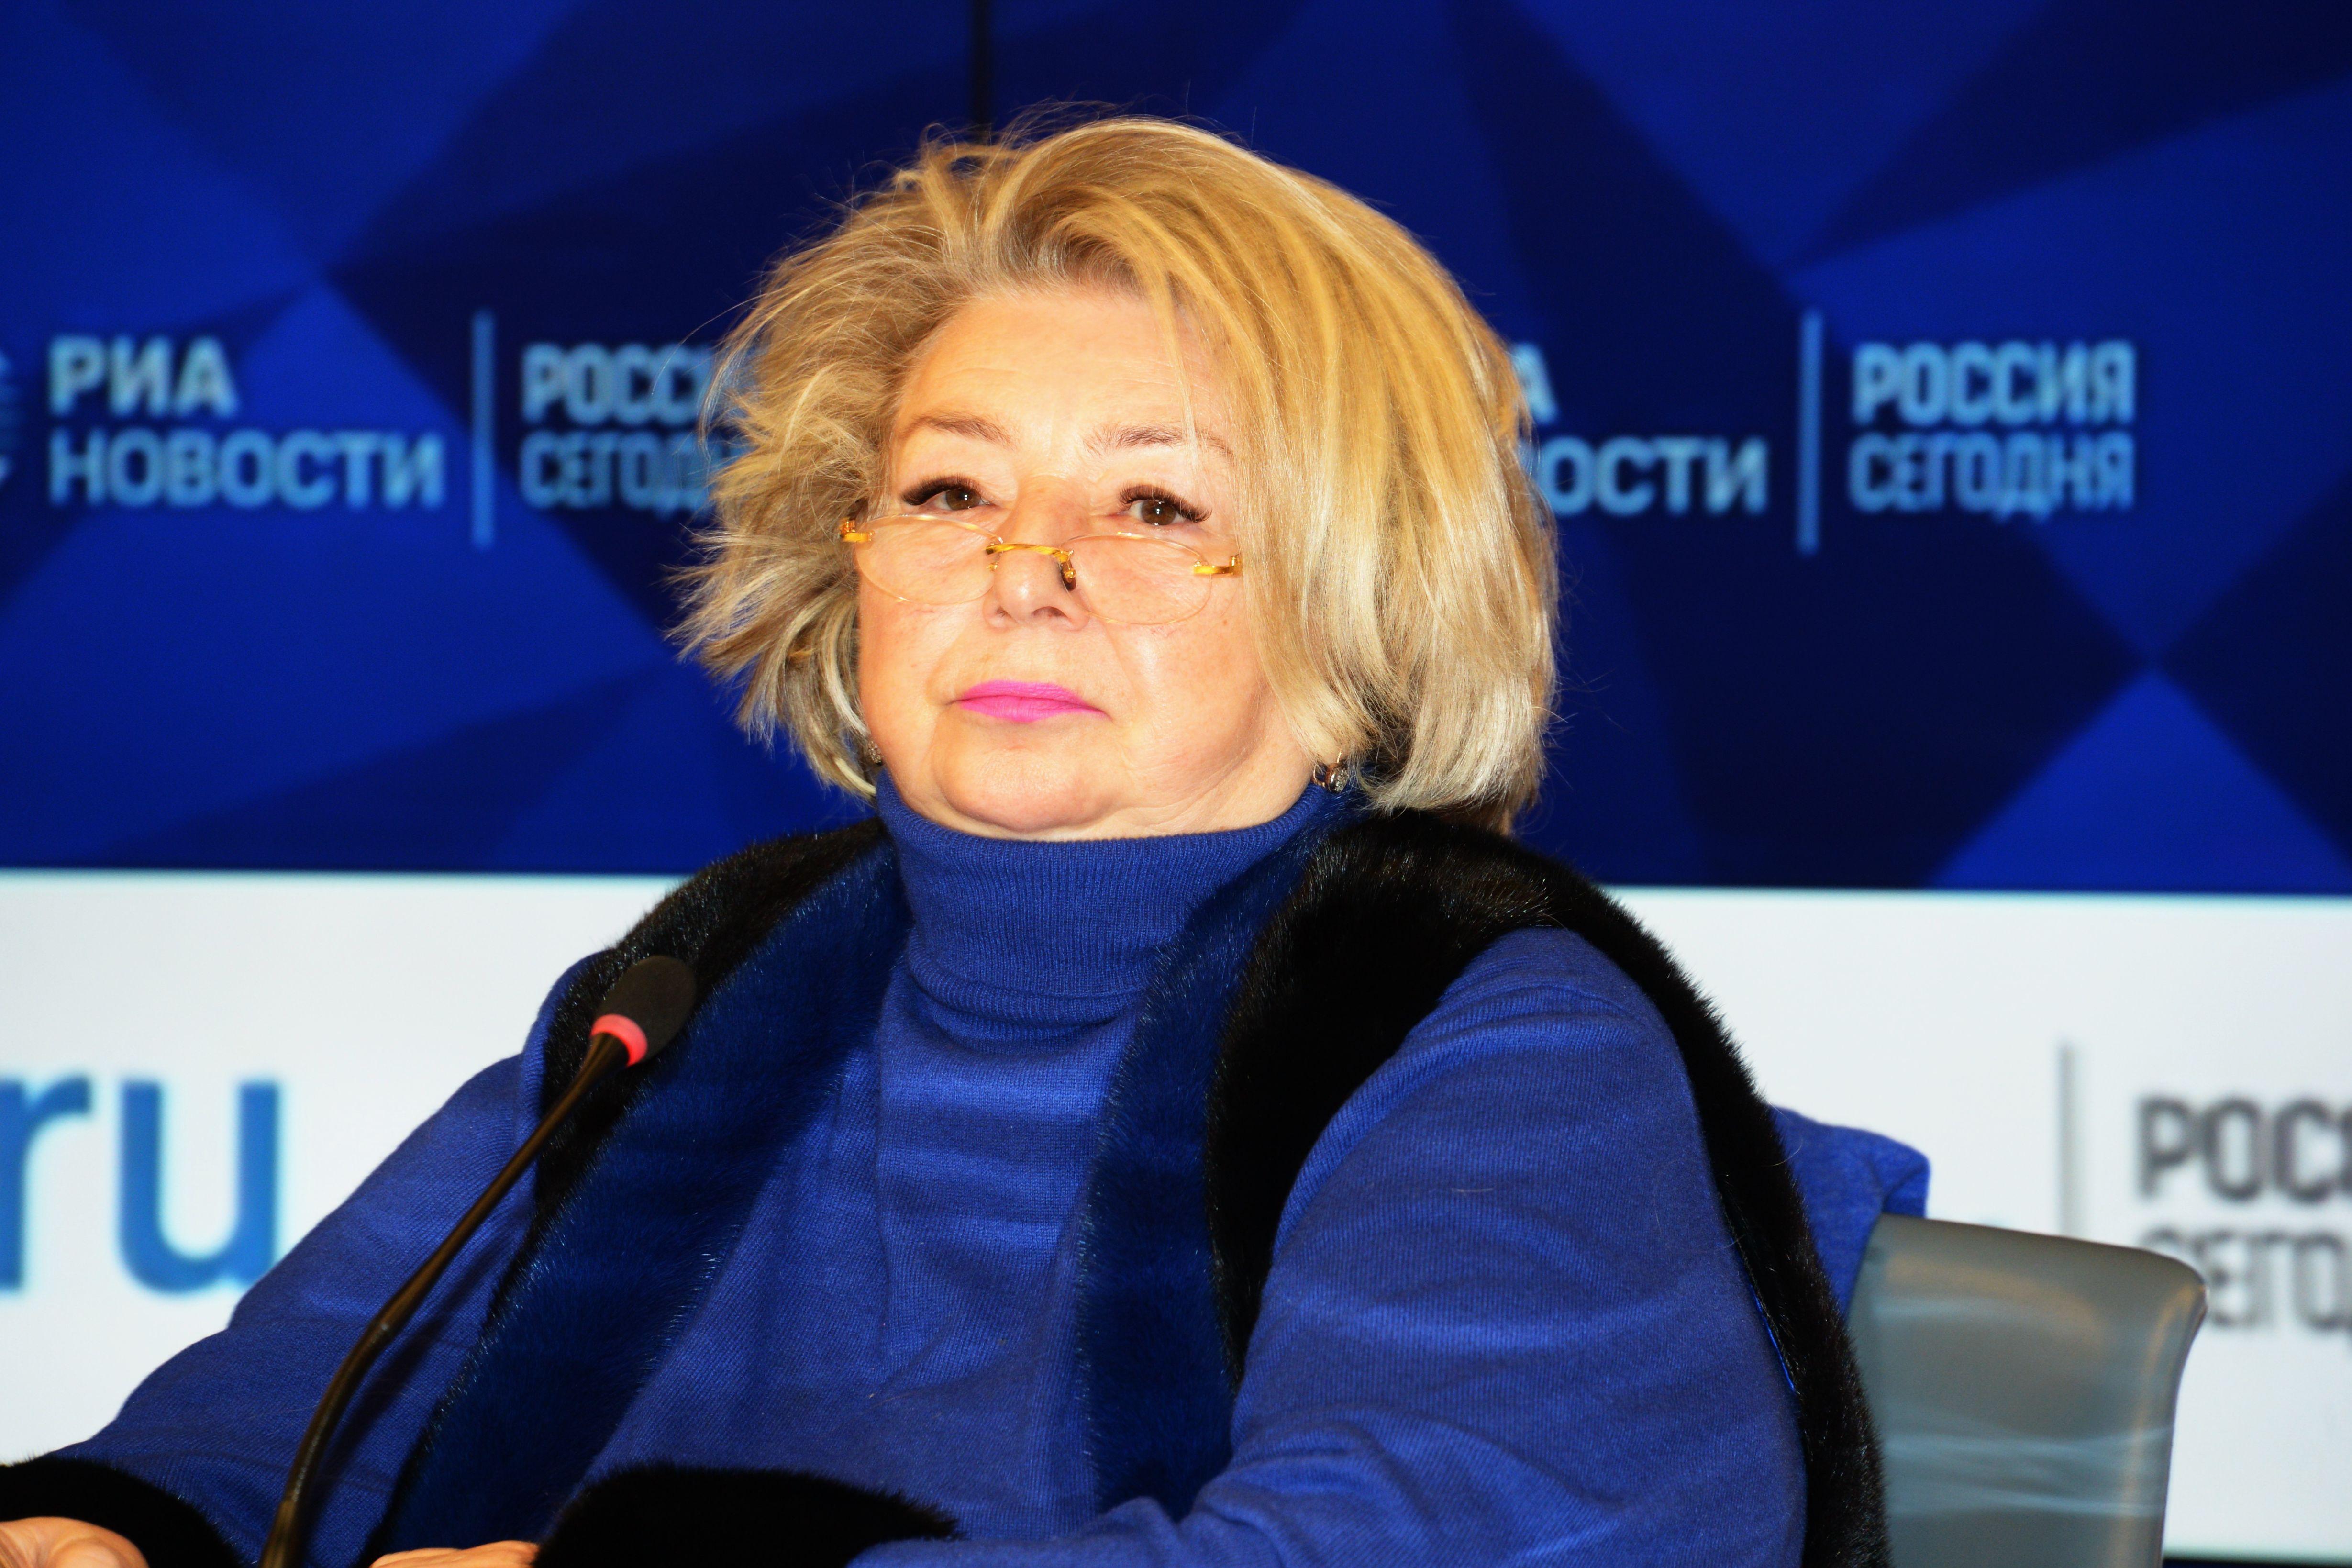 Тарасова — о возможном возвращении Косторной к Тутберидзе: 'Она должна извиниться на всю страну и ждать решения мастера'